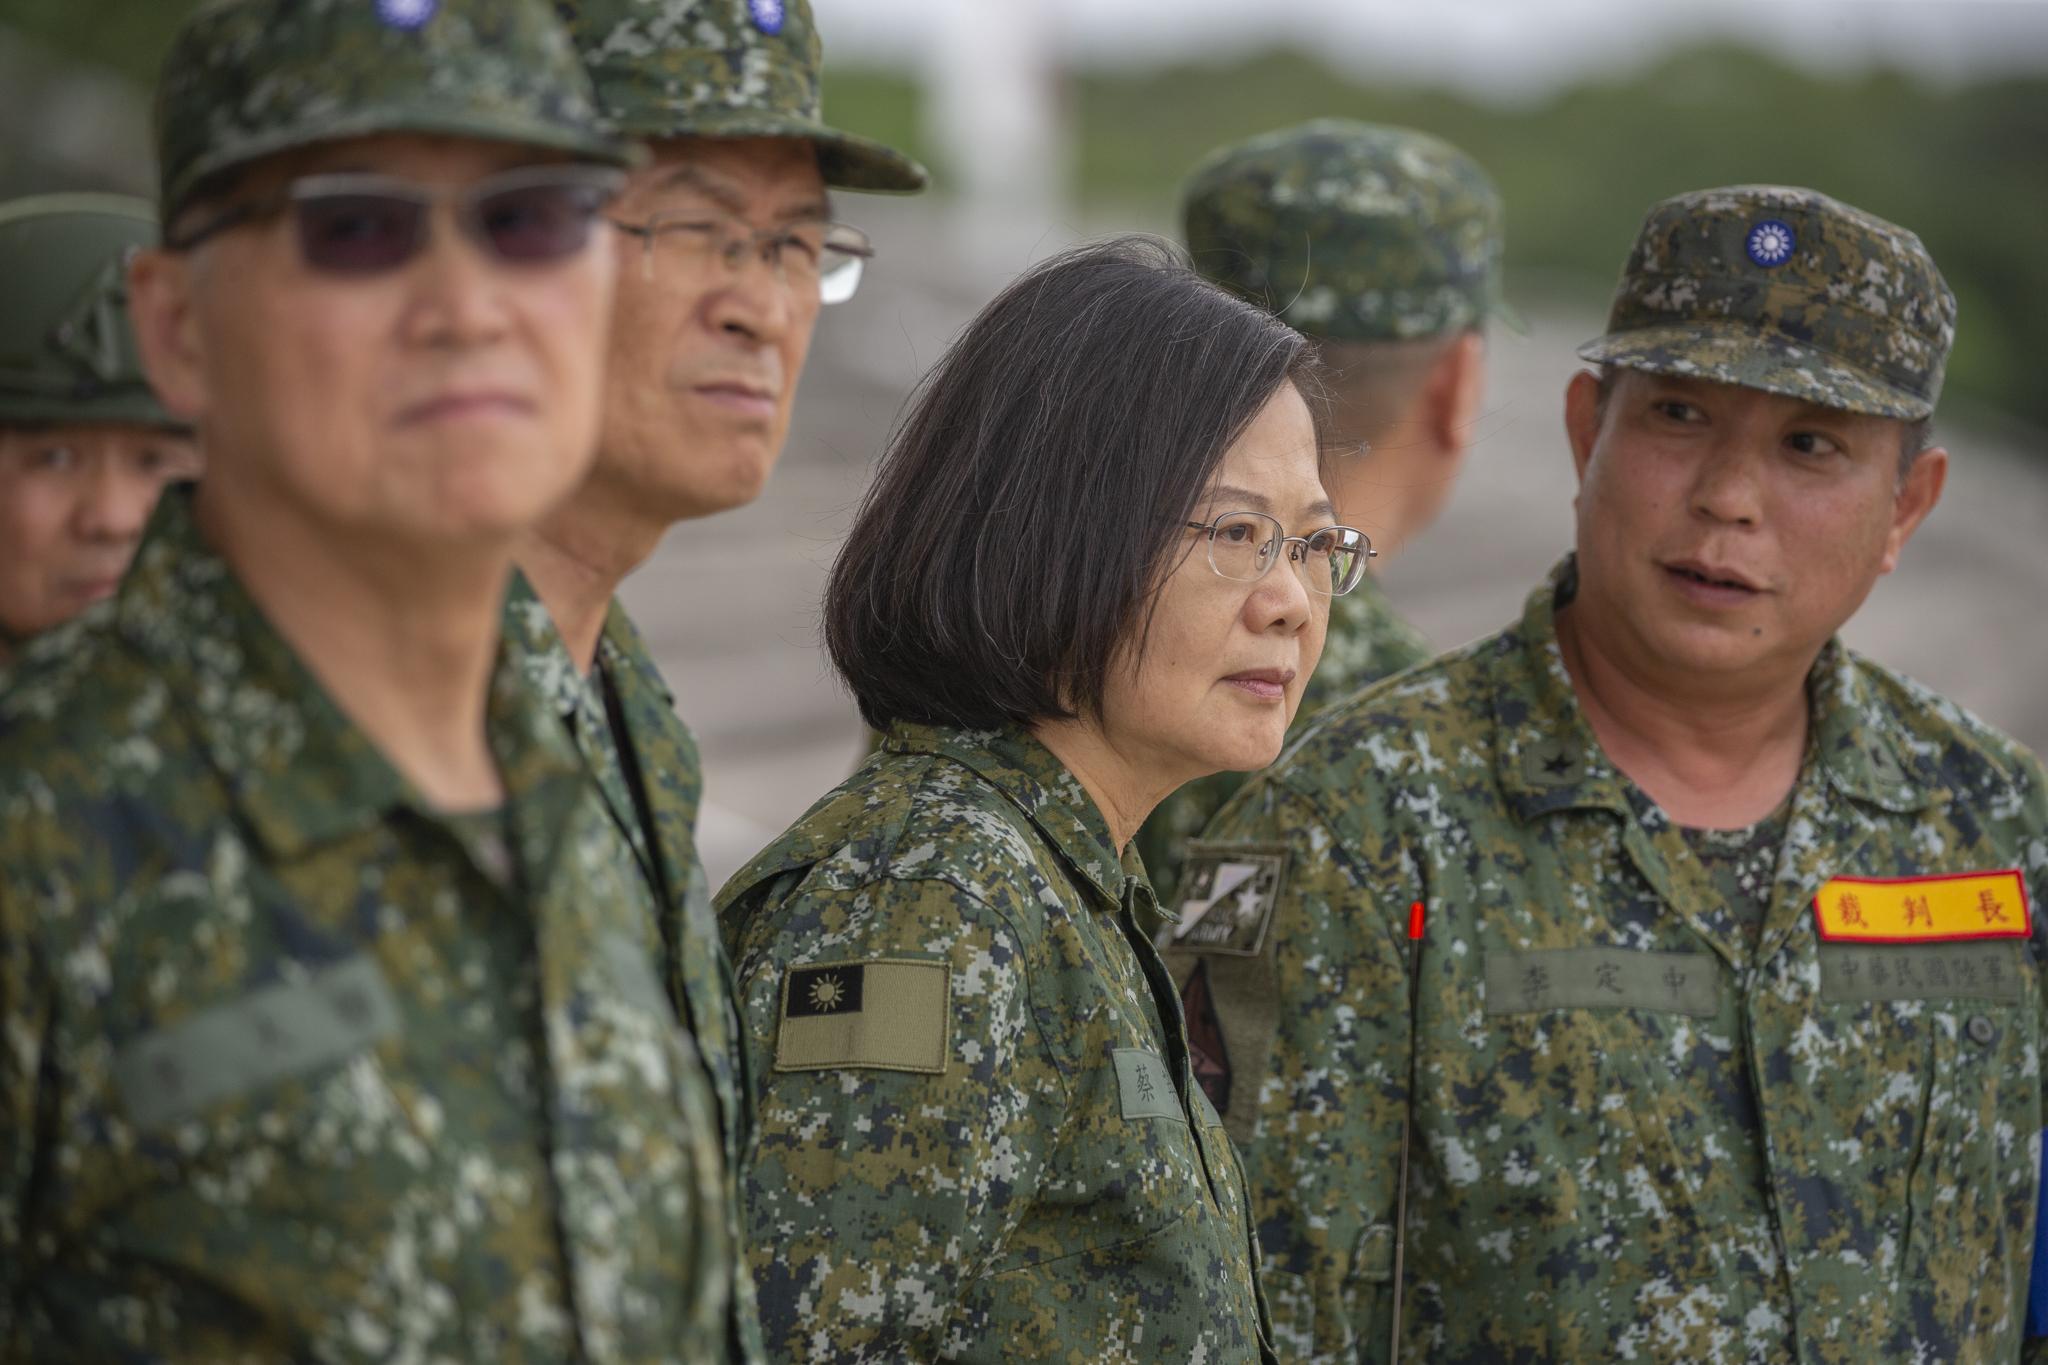 總統蔡英文積極爭取連任。圖片來源:Taiwan Presidential Office/Flickr